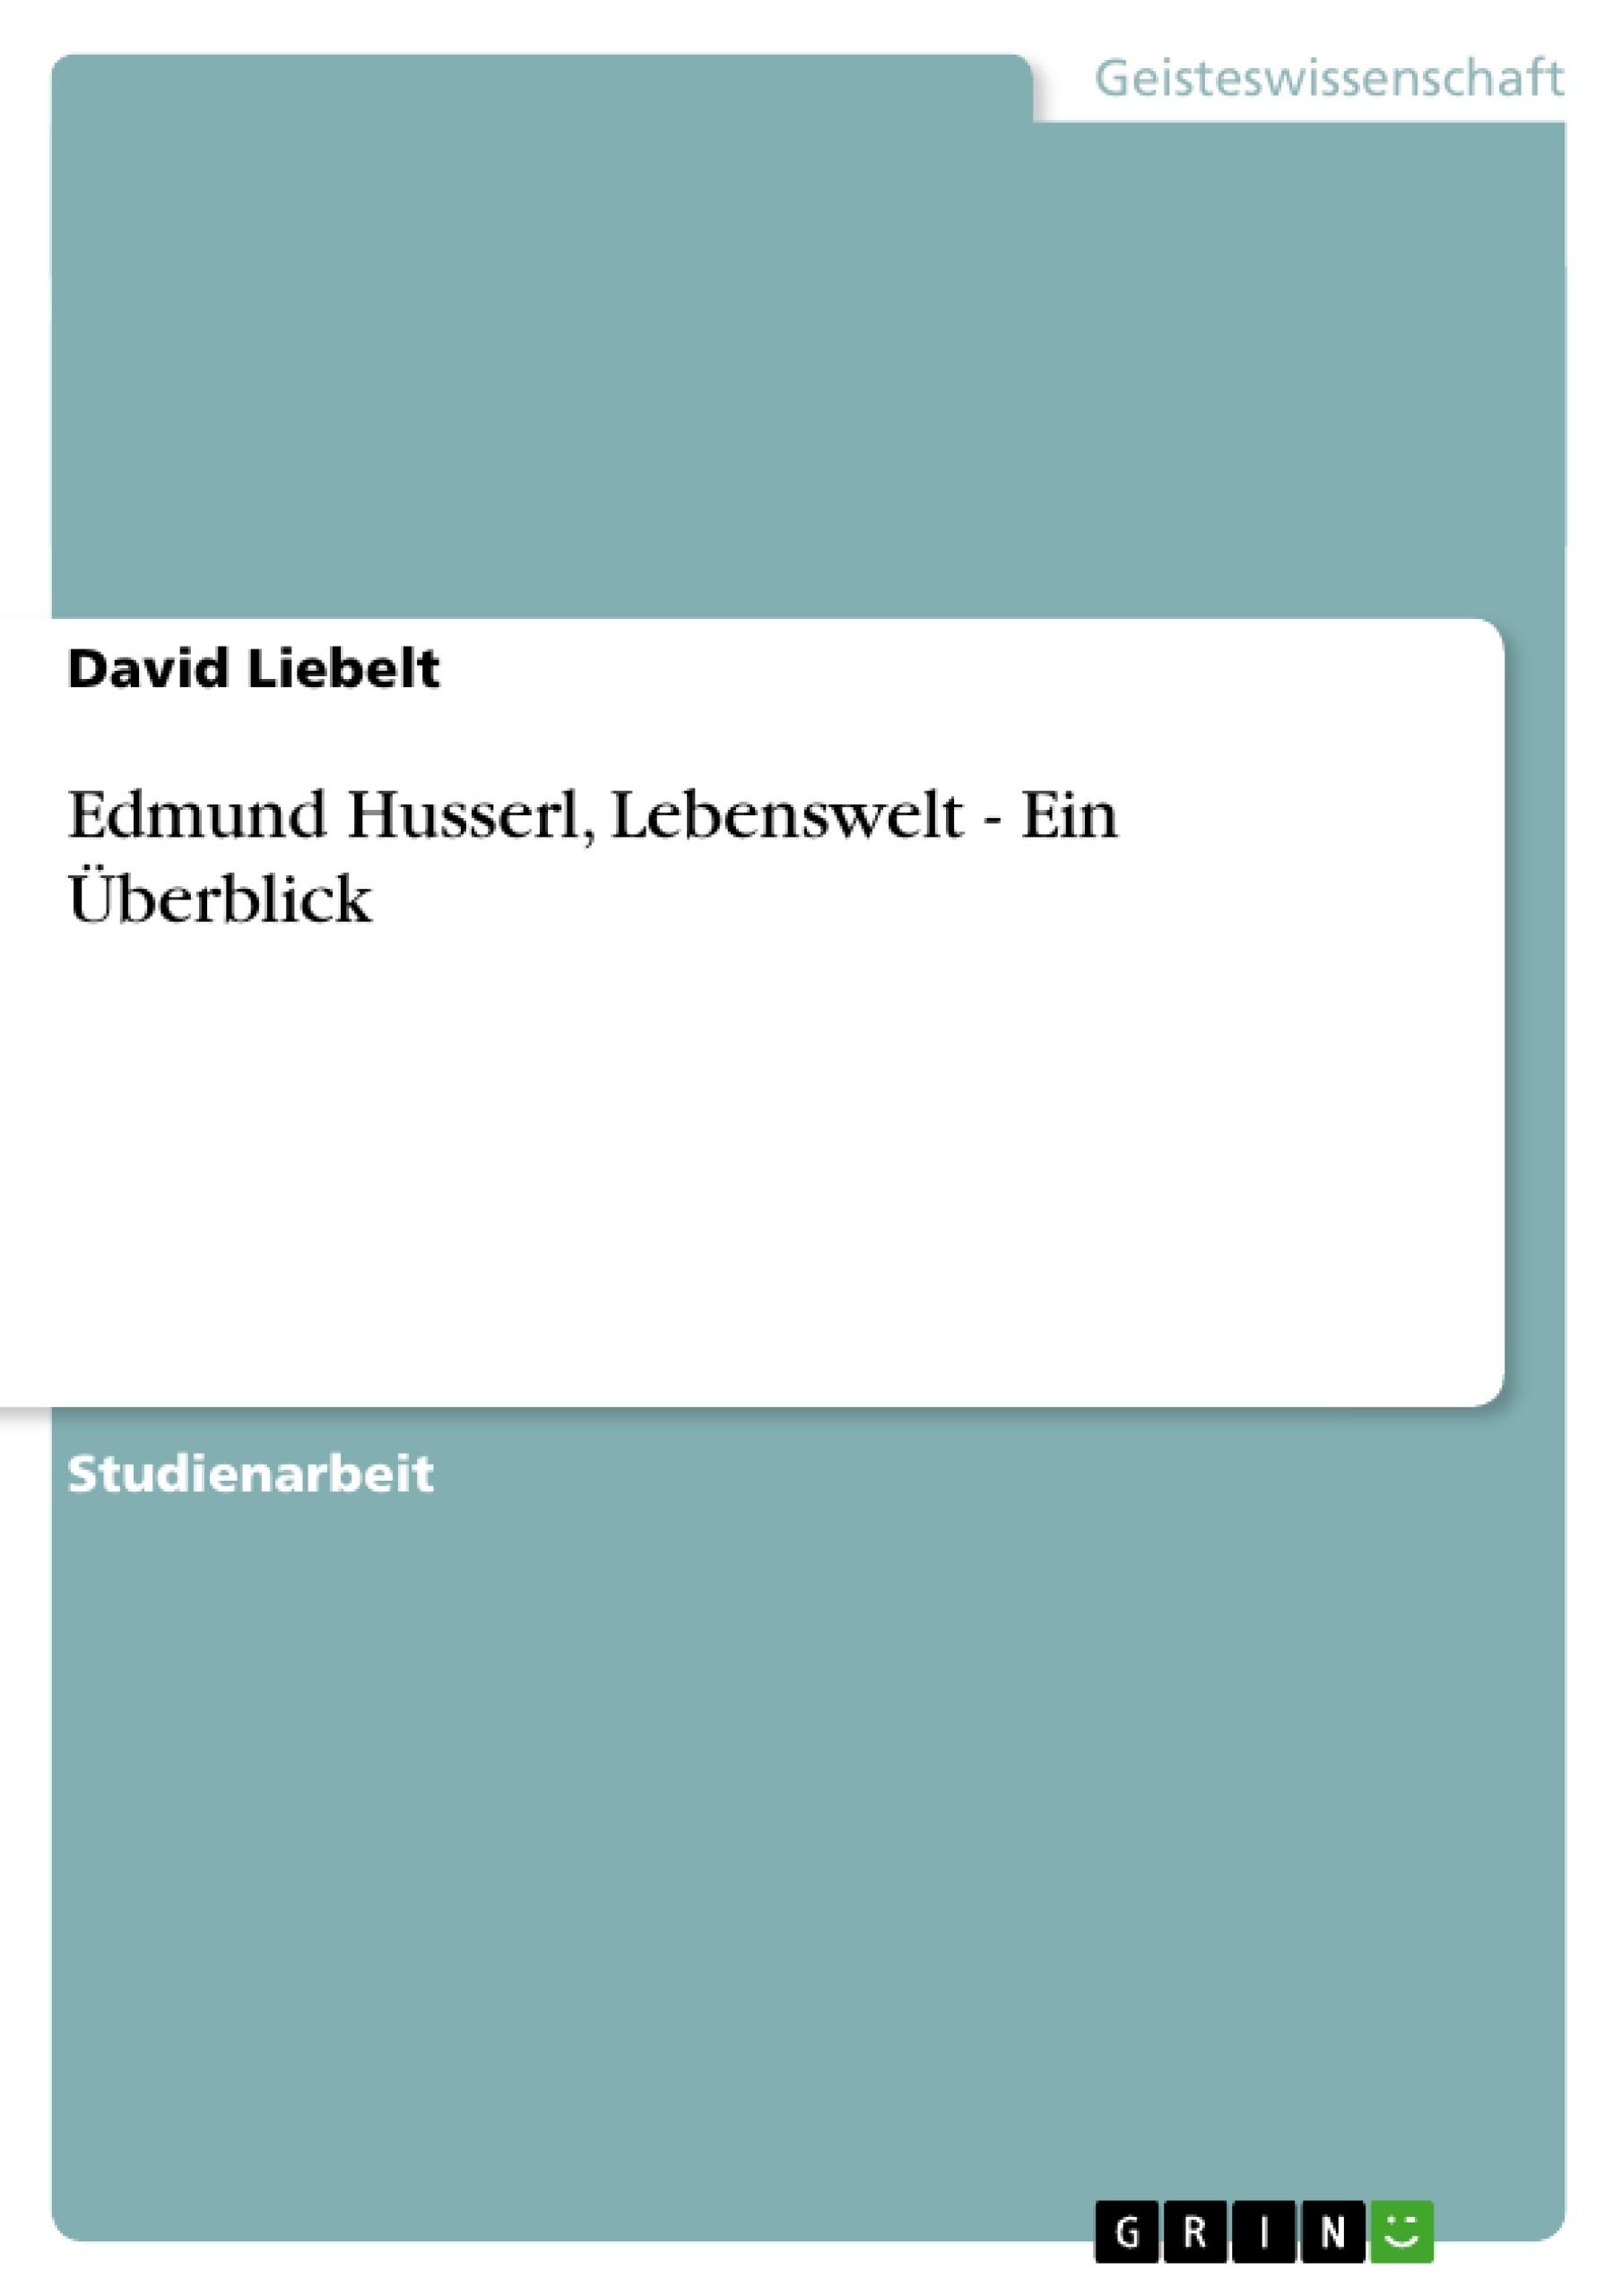 Titel: Edmund Husserl, Lebenswelt - Ein Überblick